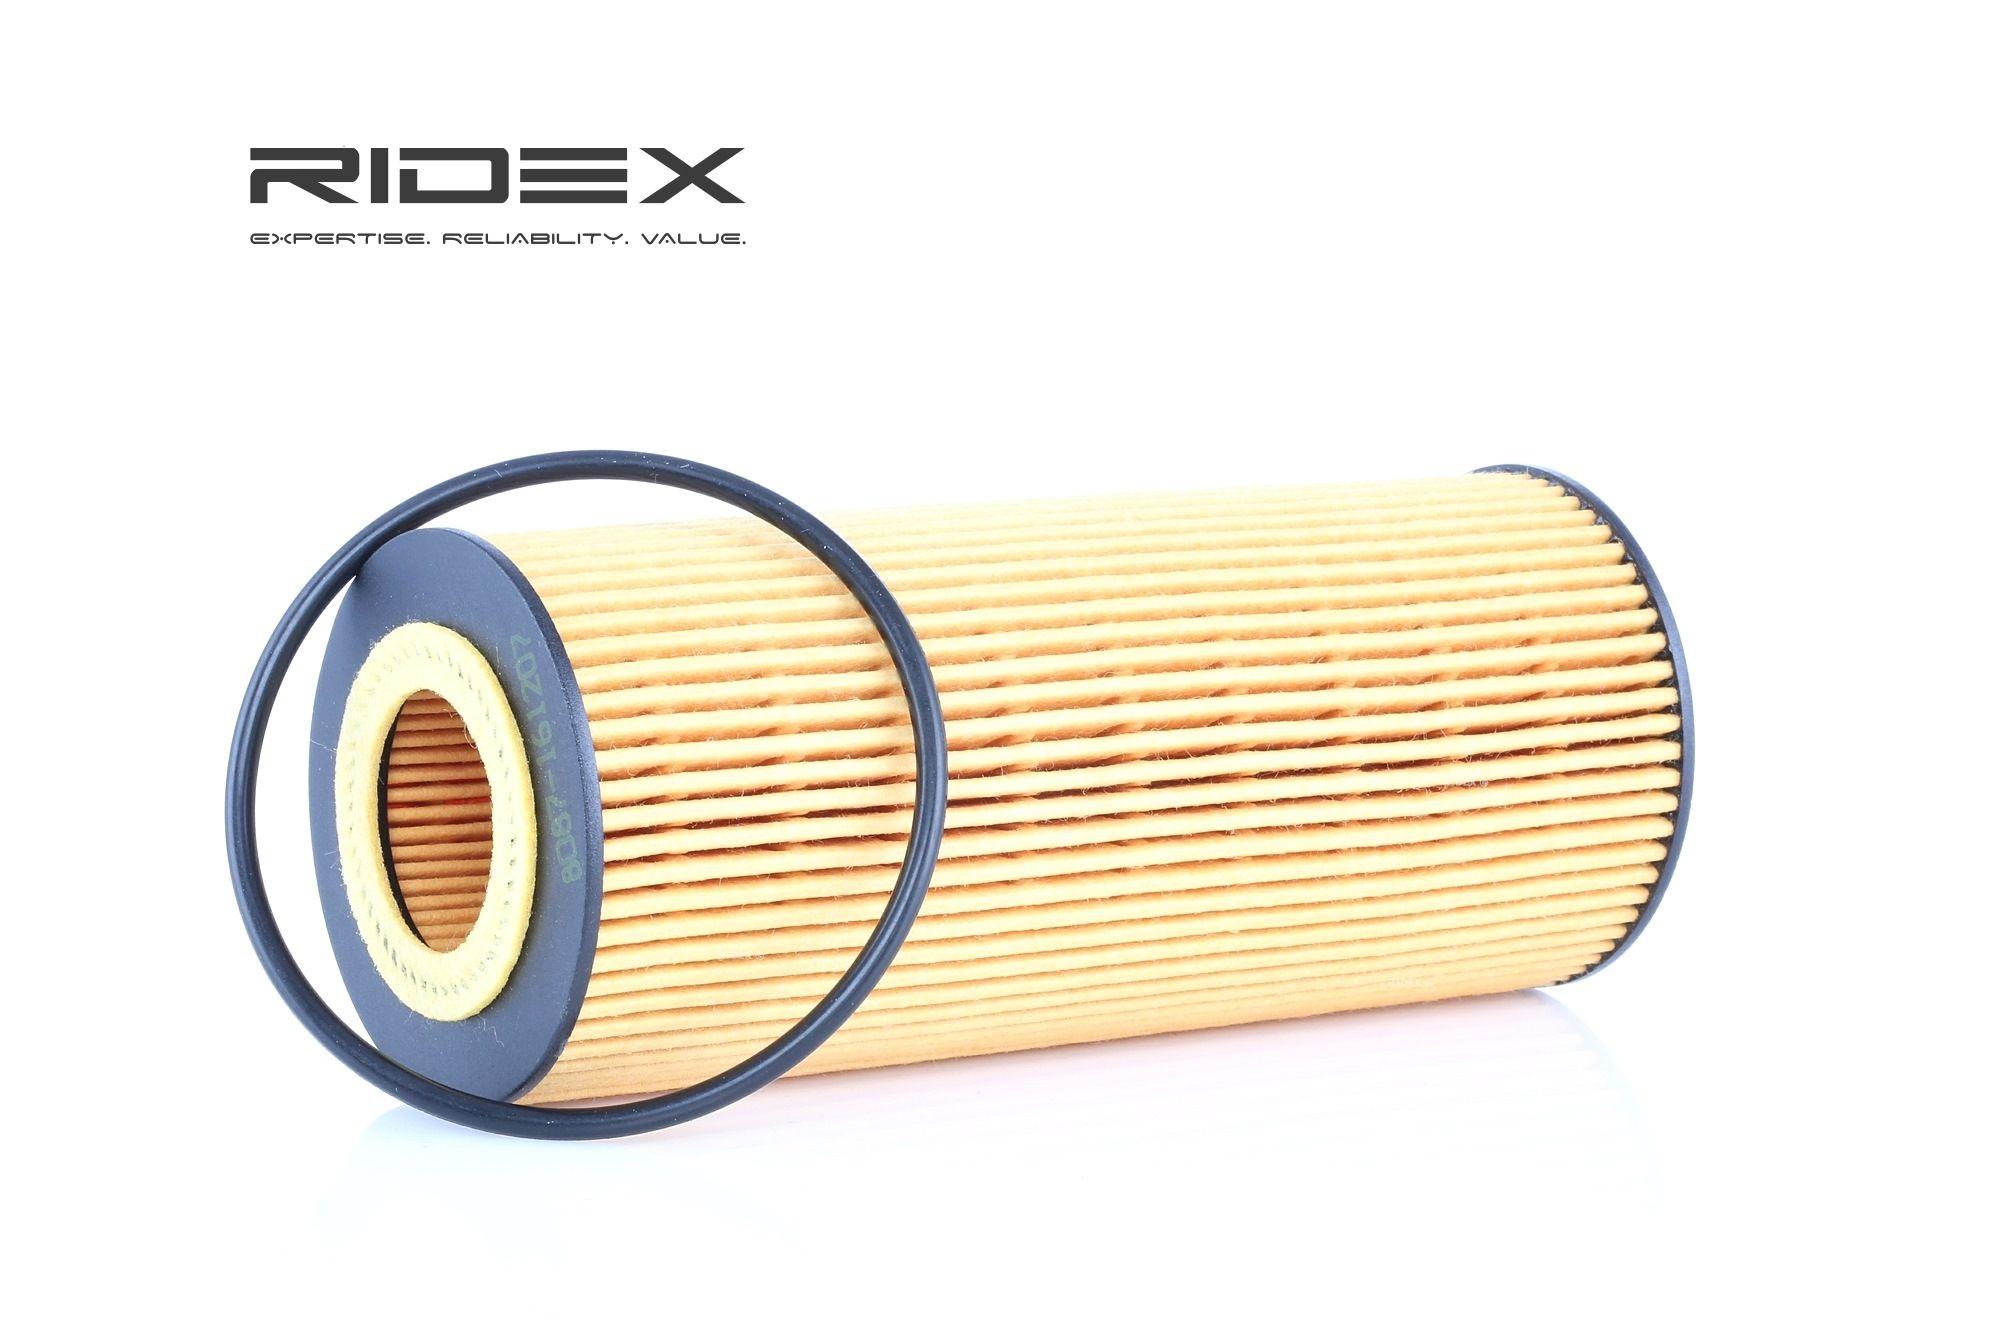 Filtre à huile 7O0054 RIDEX — seulement des pièces neuves